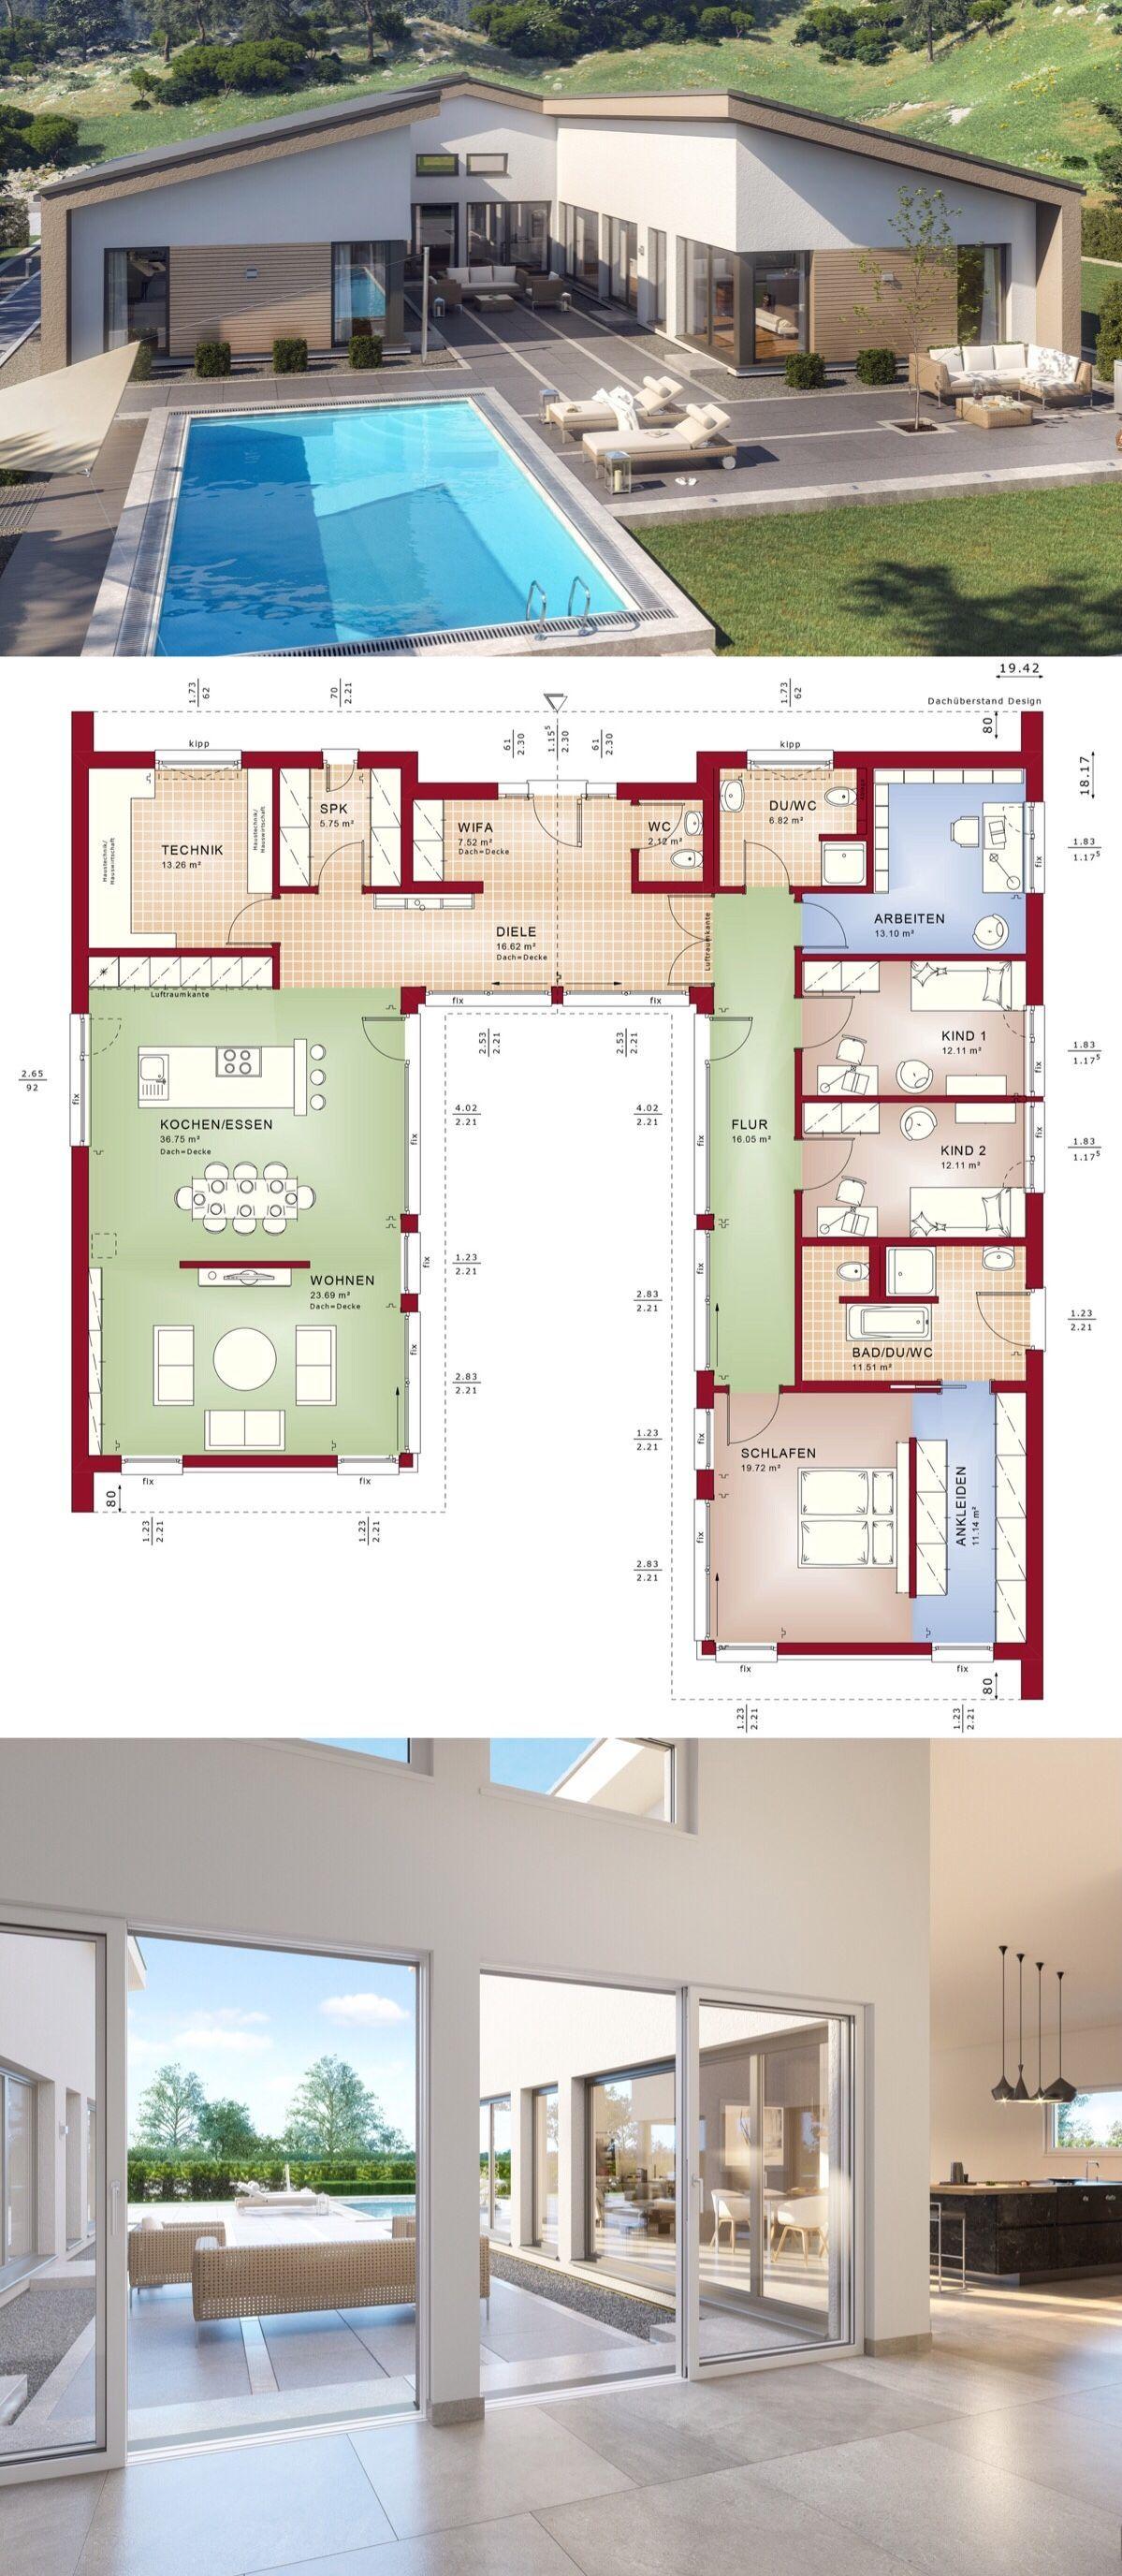 Bungalow Haus mit Satteldach Architektur & Innenhof, 5